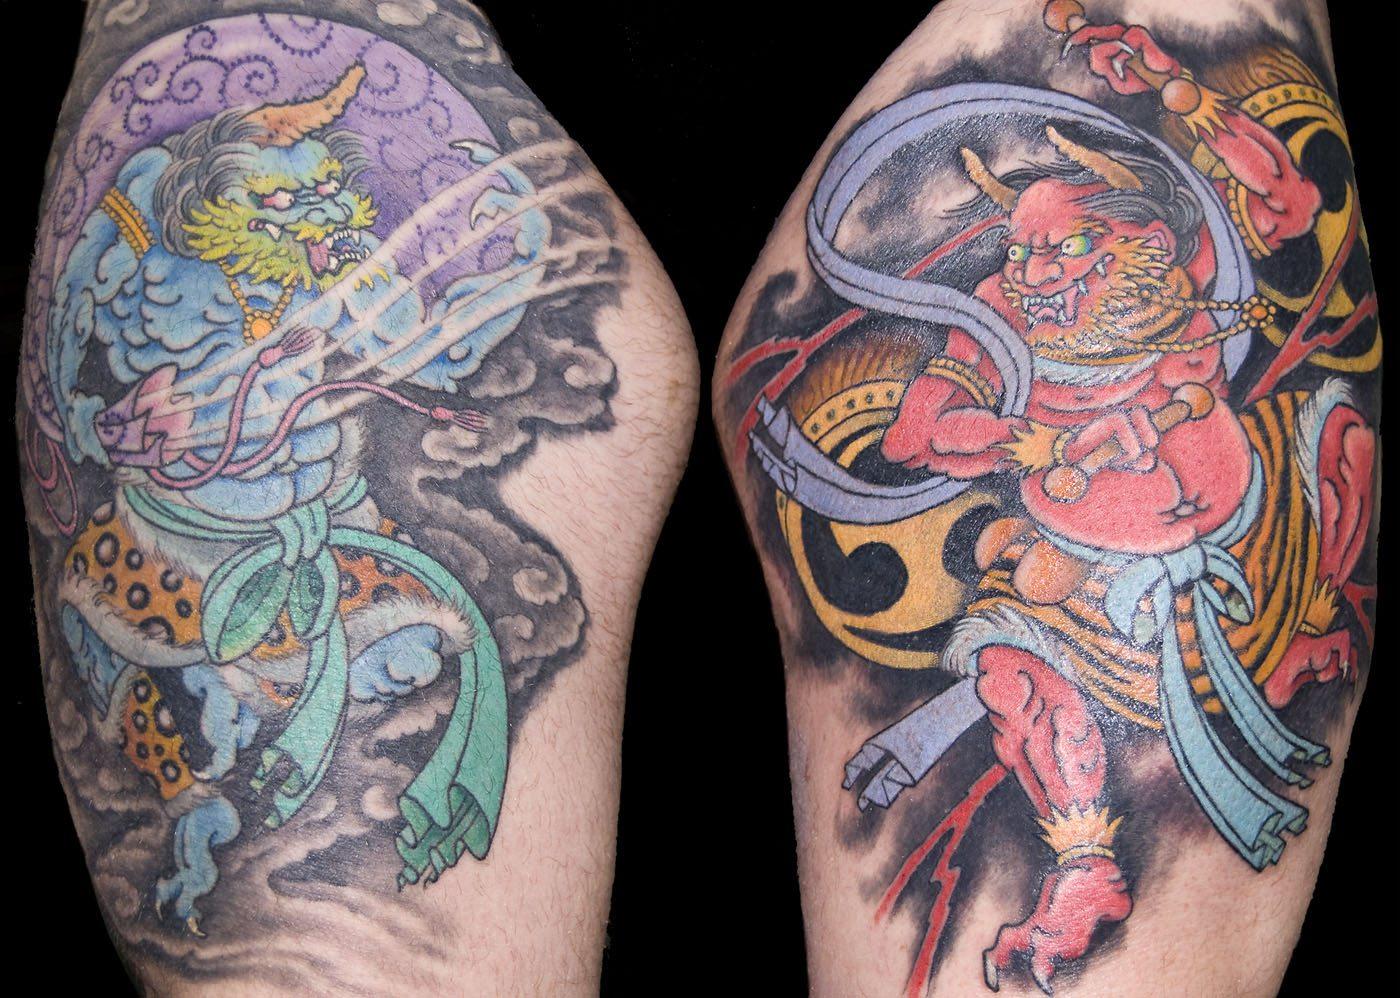 Japanese Leg Mythology Tattoo